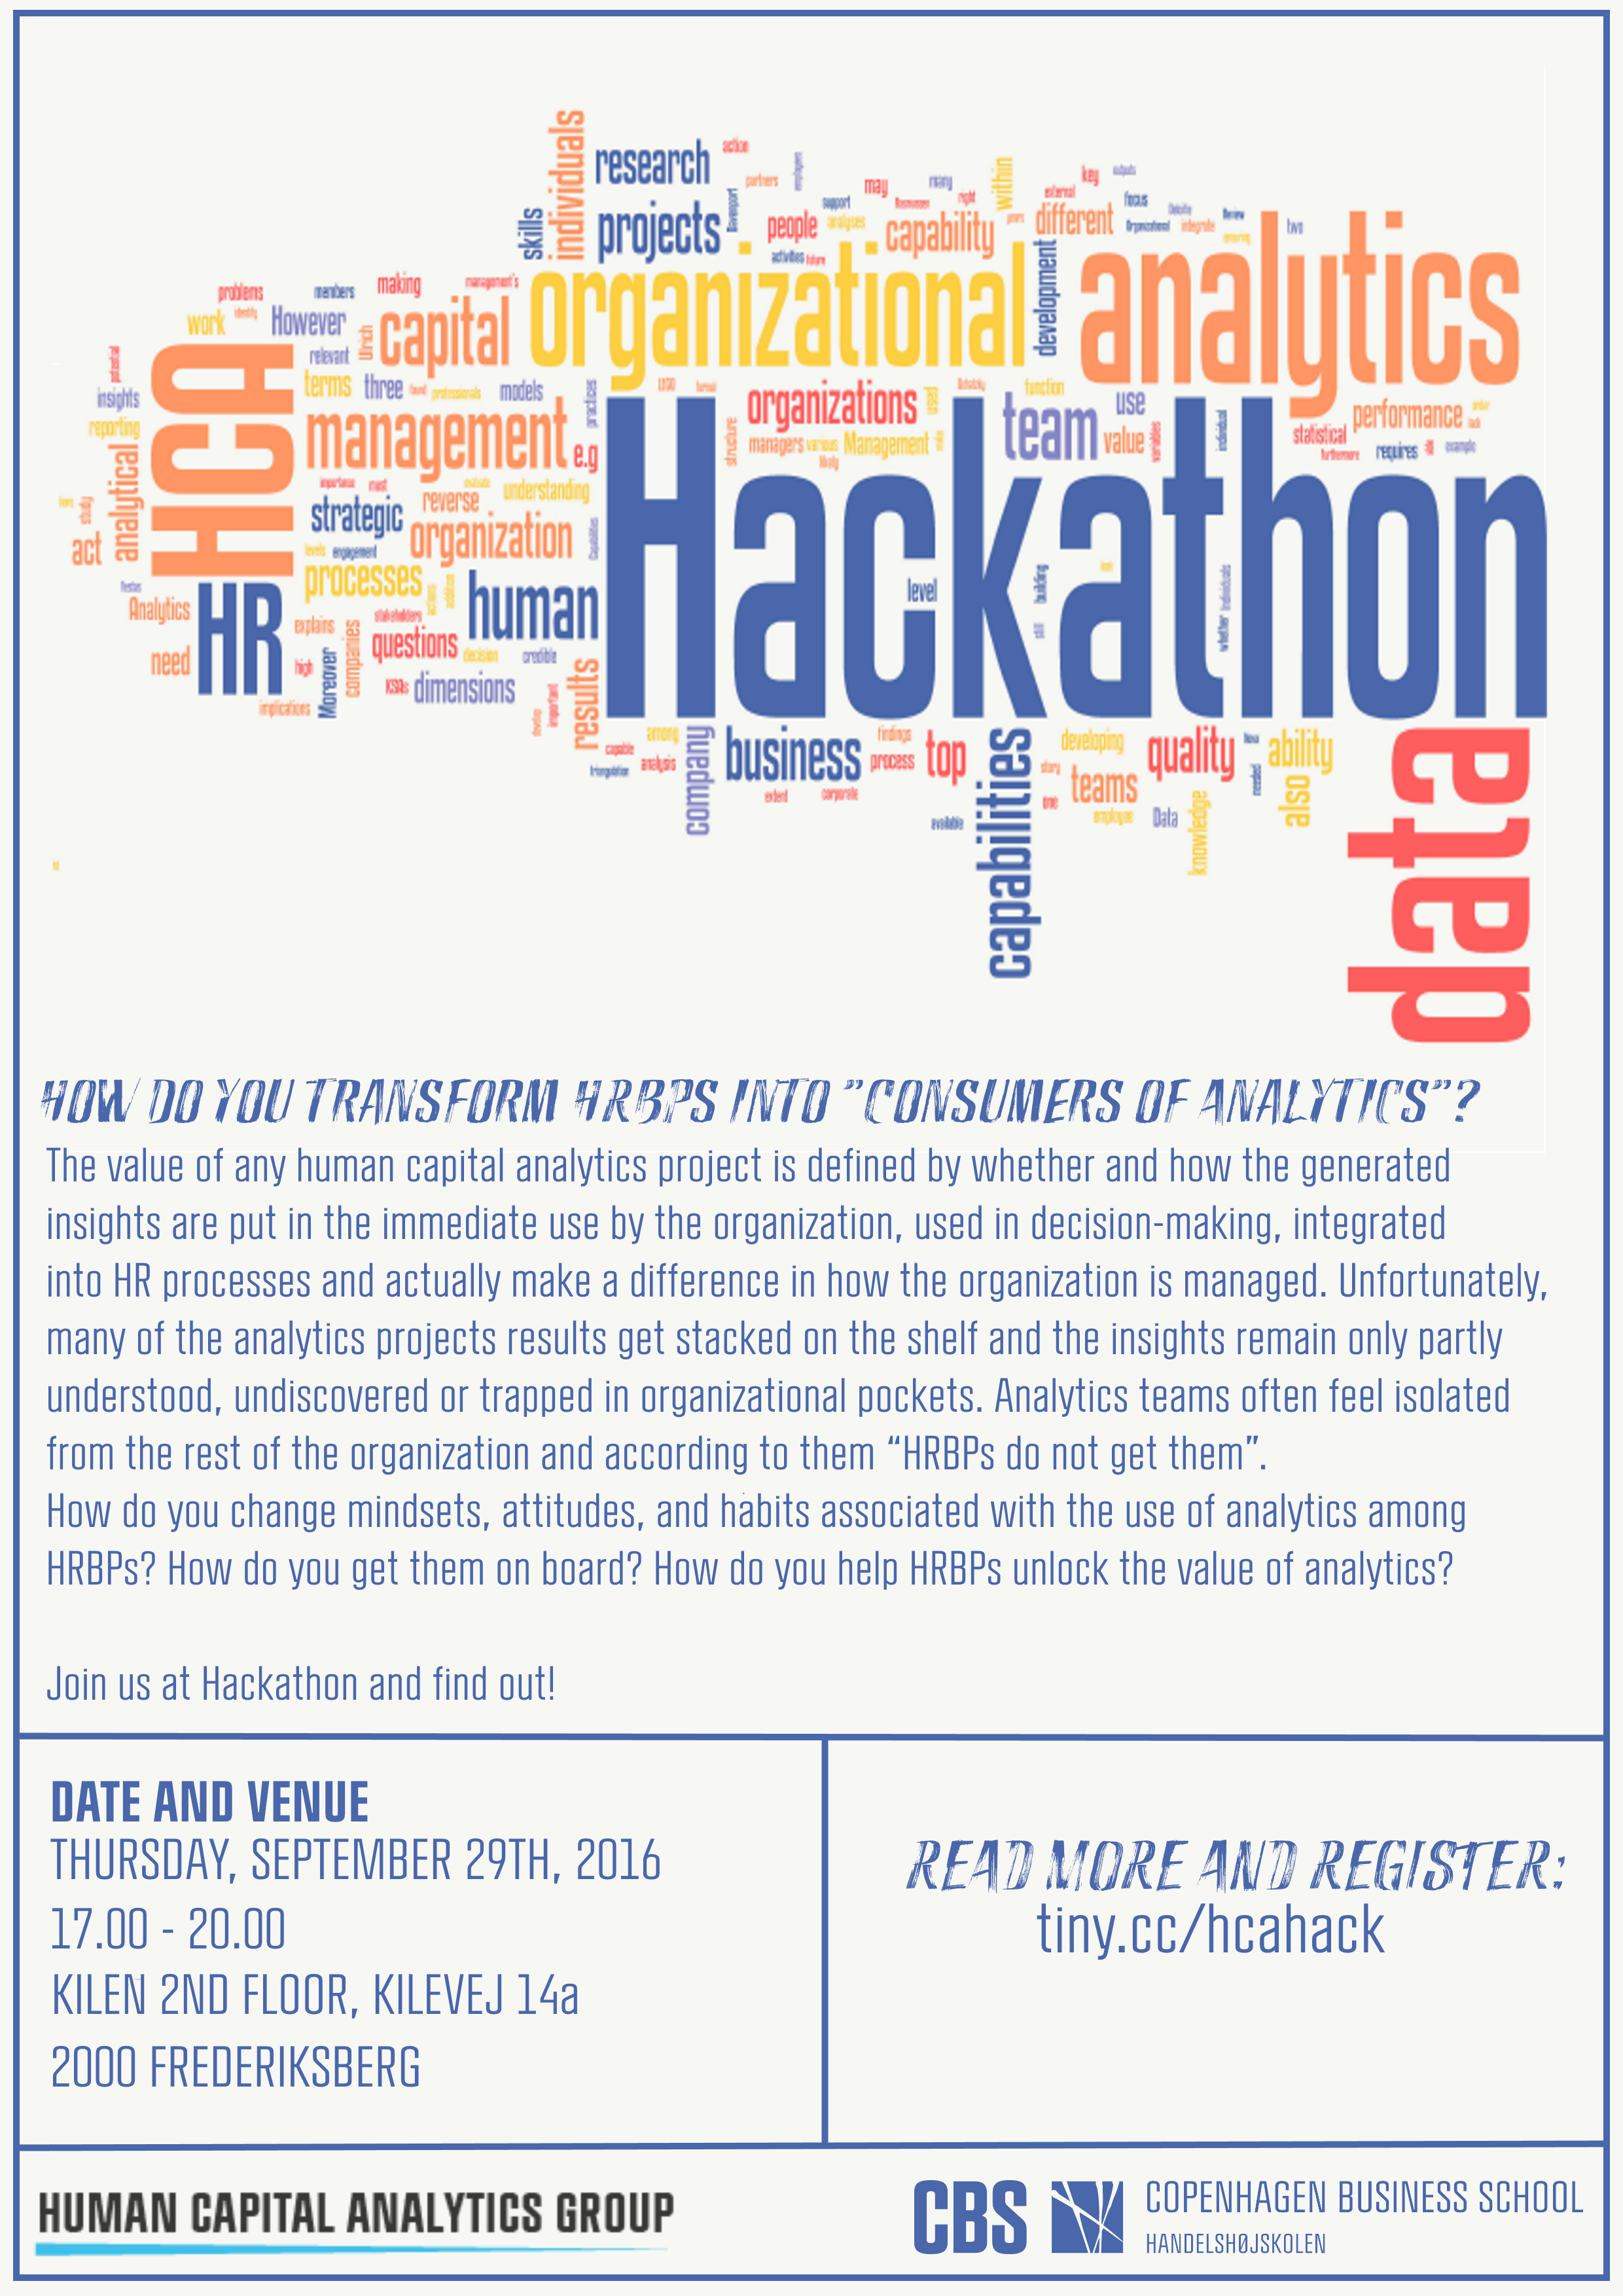 hca_hackathon